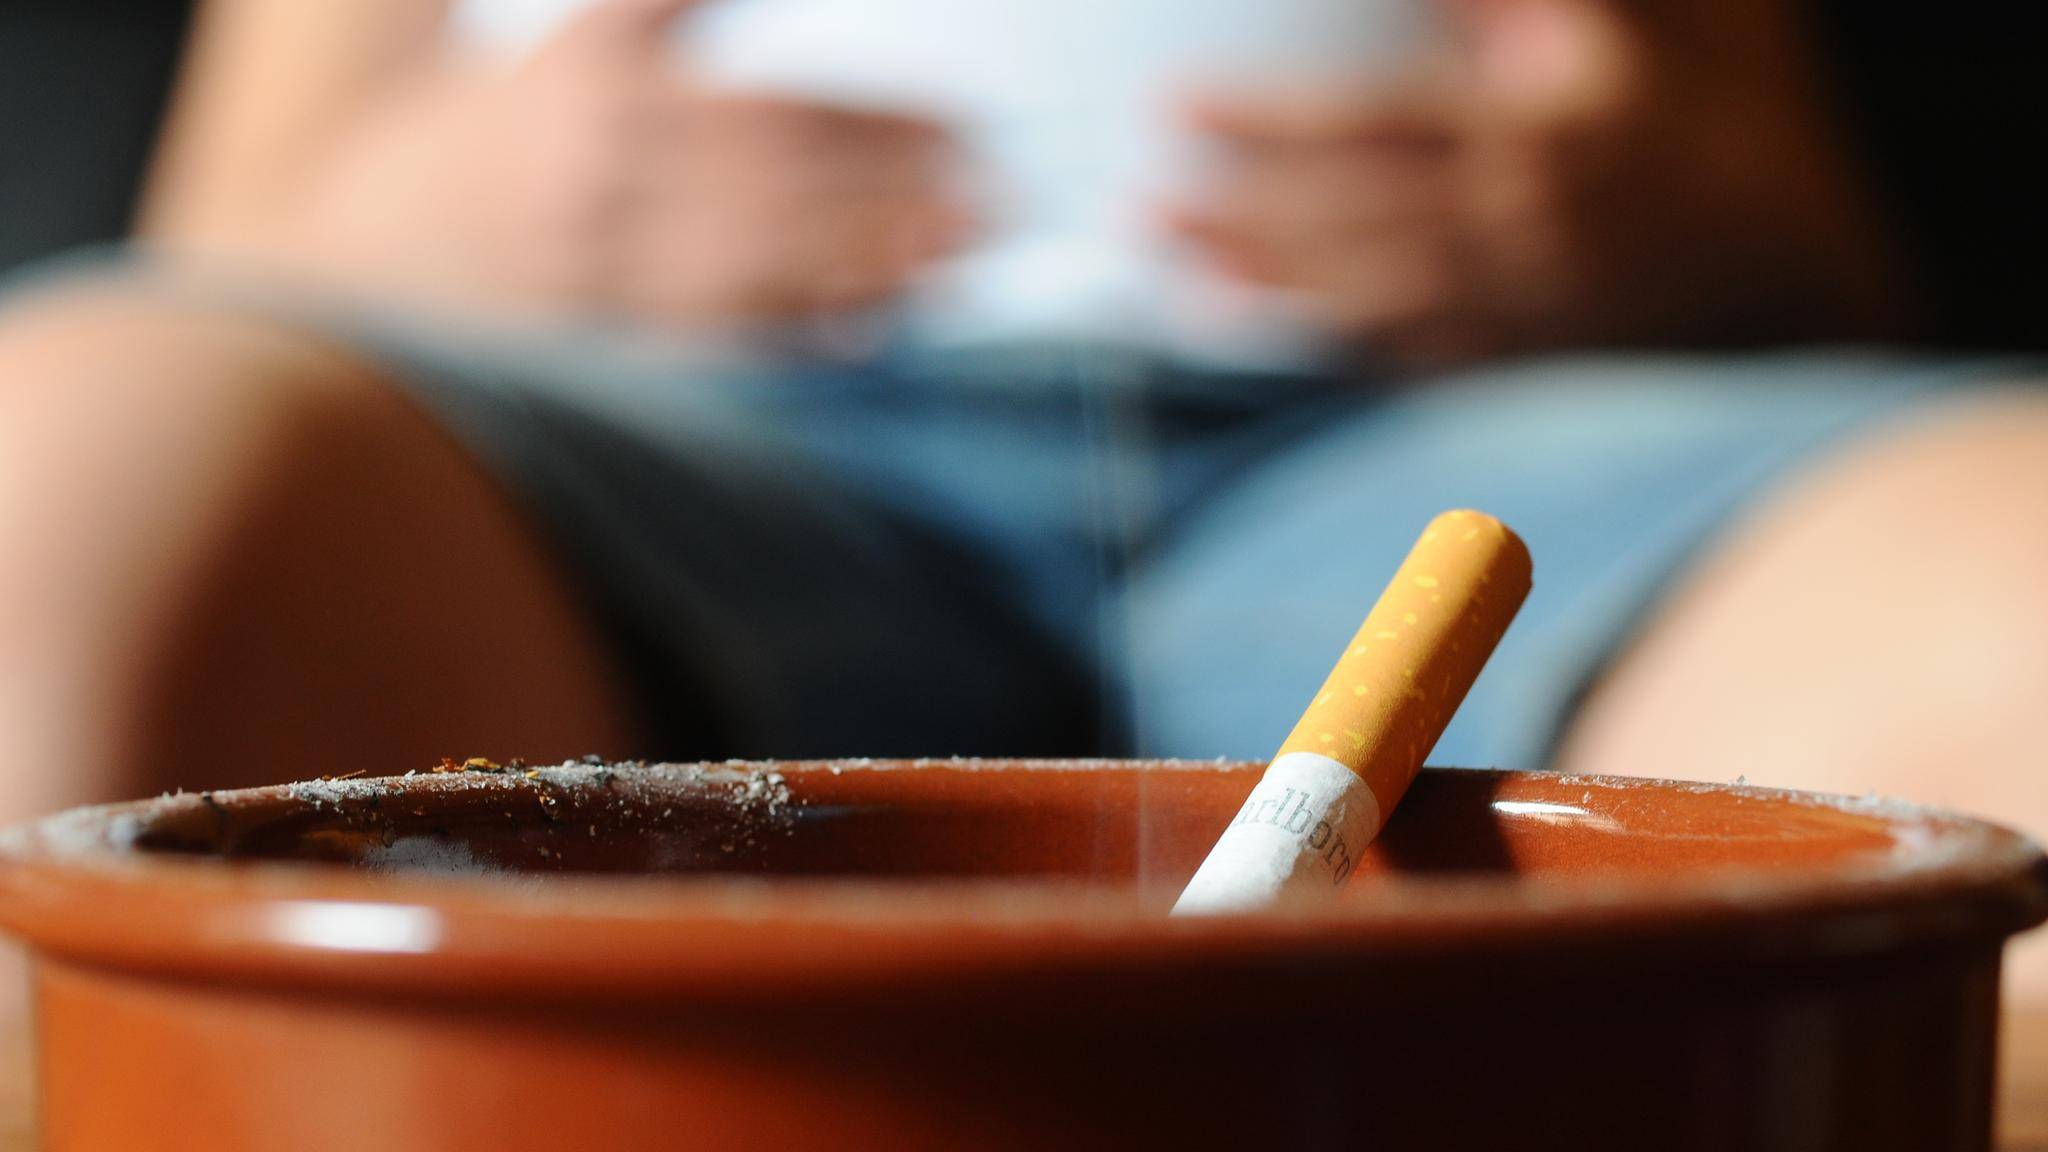 Rauchen In Der Schwangerschaft: Das Sind Mögliche Folgen bei 2 3 Zigaretten Schwangerschaft